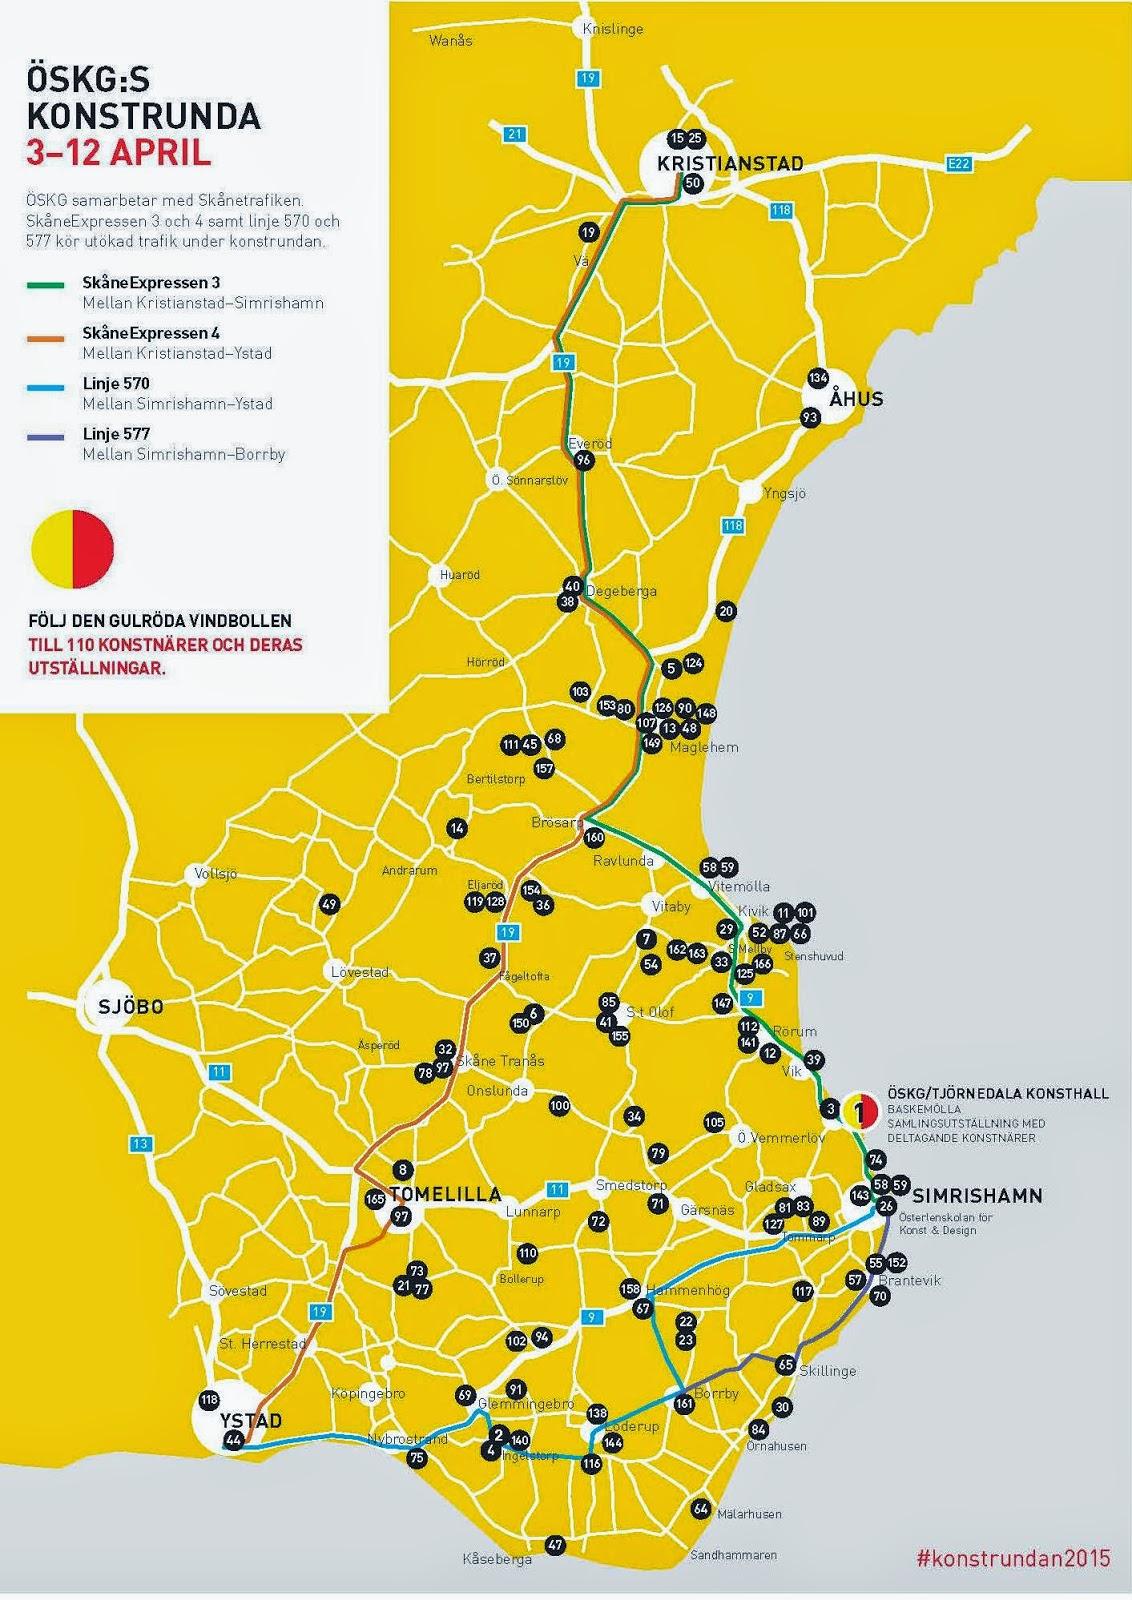 konstrundan skåne karta Konstrunda på Sydkusten   påsken 2015 | Sydkusten Skåne konstrundan skåne karta